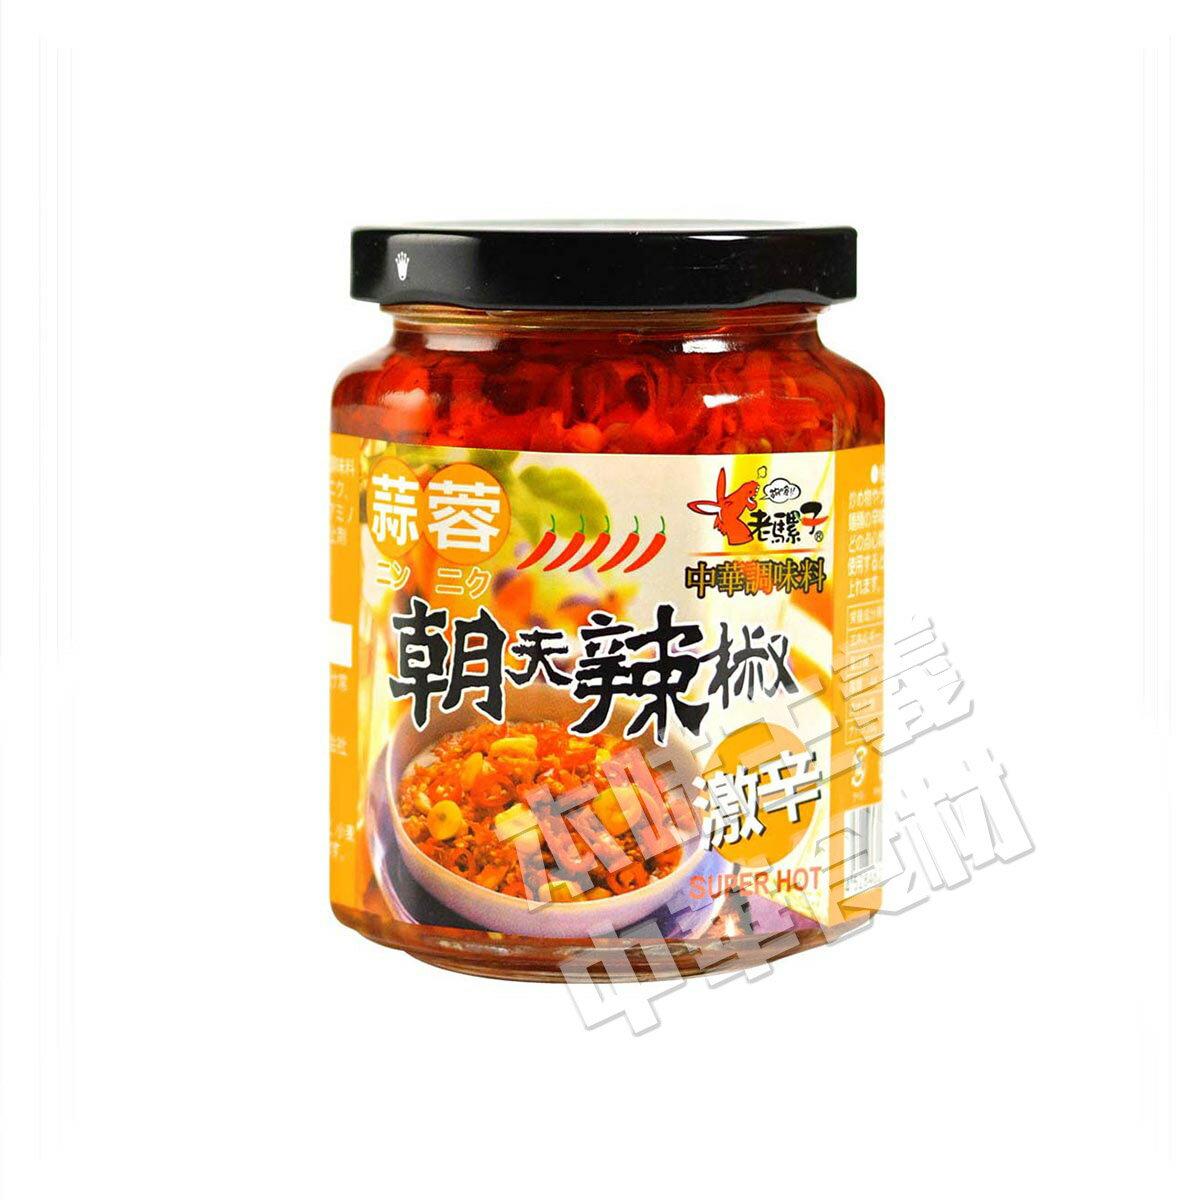 老騾子牌朝天食品系列蒜蓉朝天辣椒(にんにく入り激辛調味料)ご飯がすすむ中華食材調味料・中華料理人気商品・台湾名物